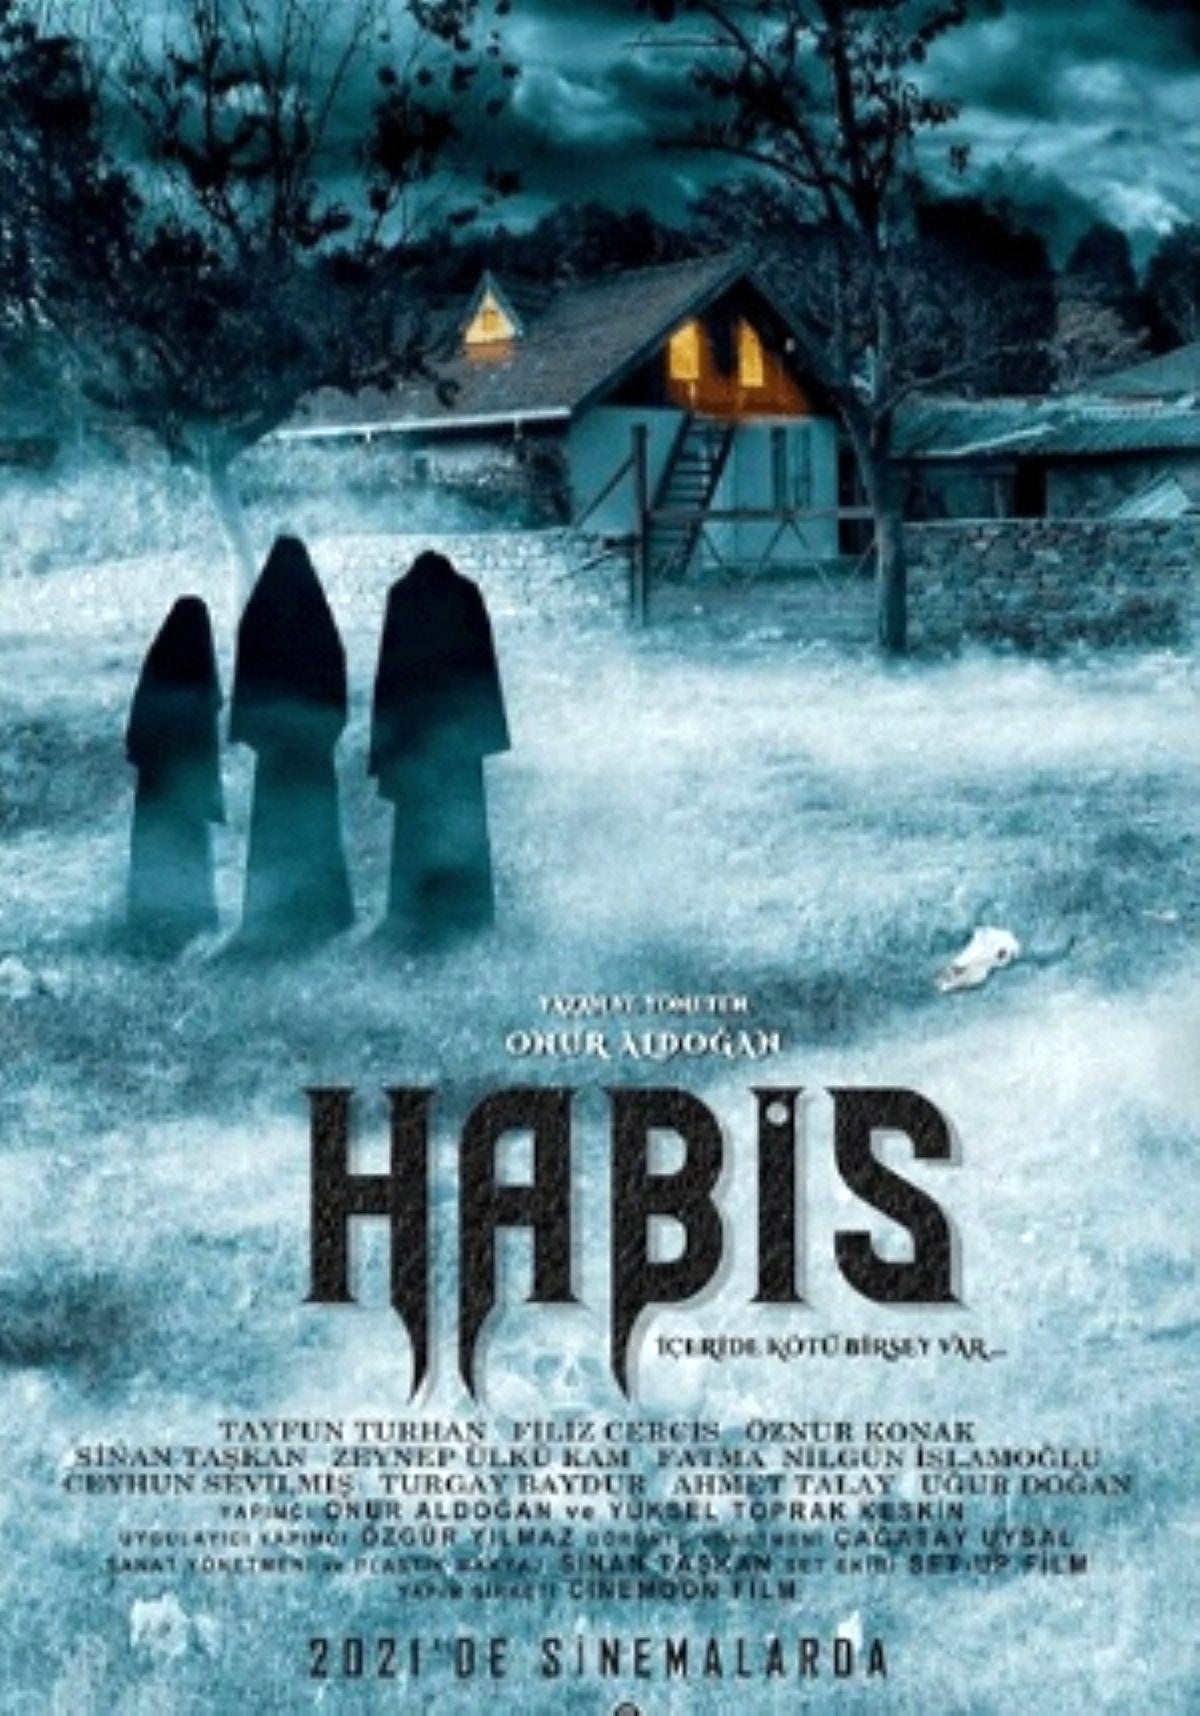 """Yönetmen ve senarist James Wan'ın yeni korku filmi """"Habis"""" filmi, şok edici cinayet görüntüleriyle paralize olan Madison'un hikayesine odaklanıyor. Filmin oyuncu kadrosunda Annabelle Wallis, Maddie Hassos ve George Young yer alıyor."""